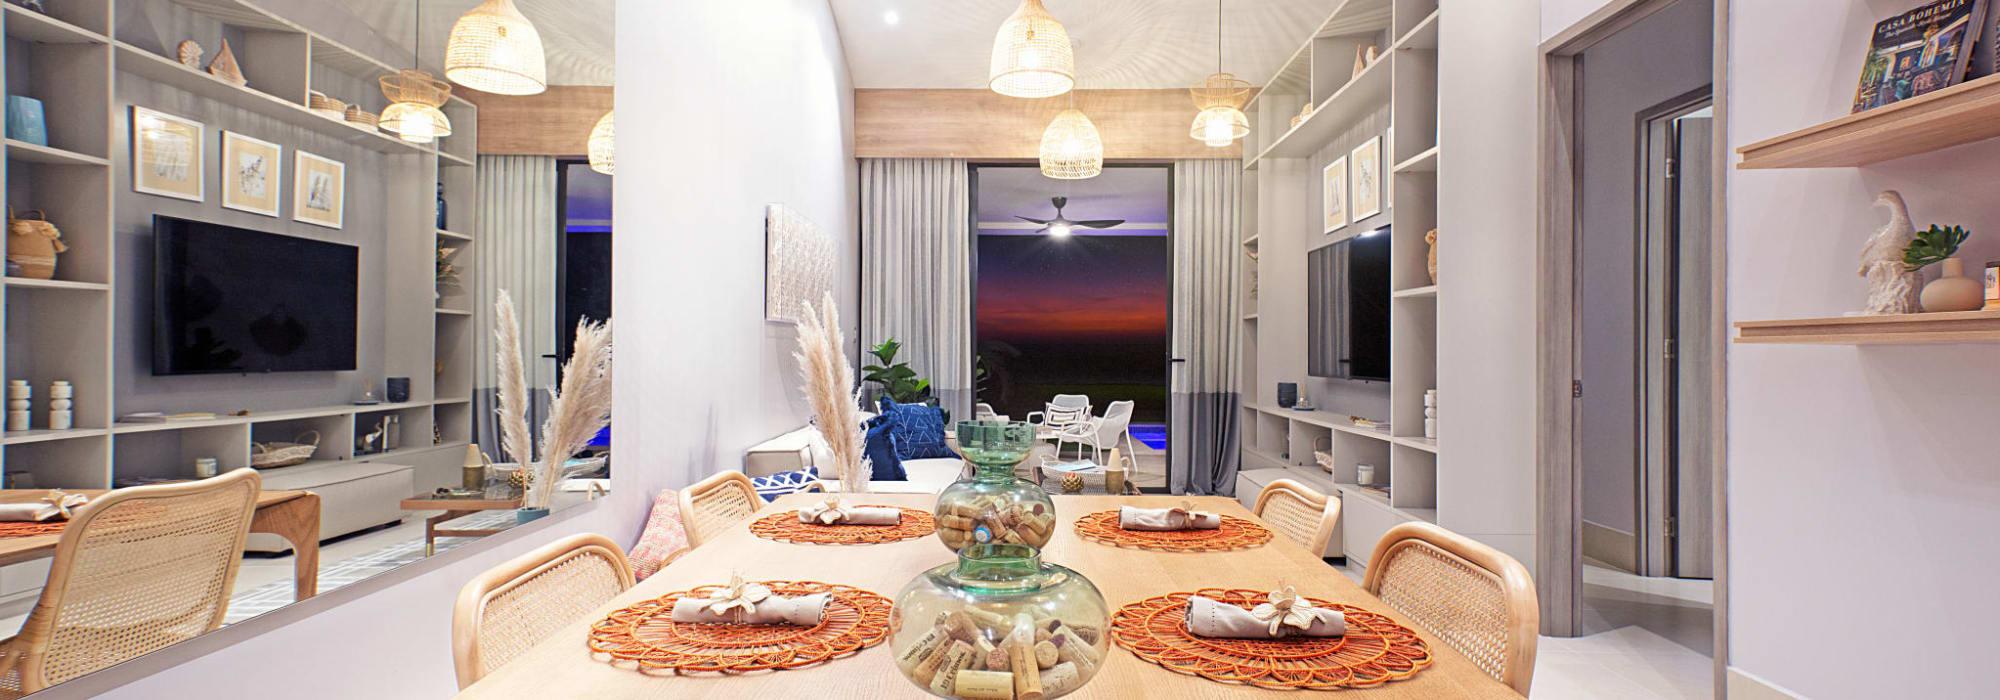 Venta de Casas en Ocean Villas Residences by Casamar